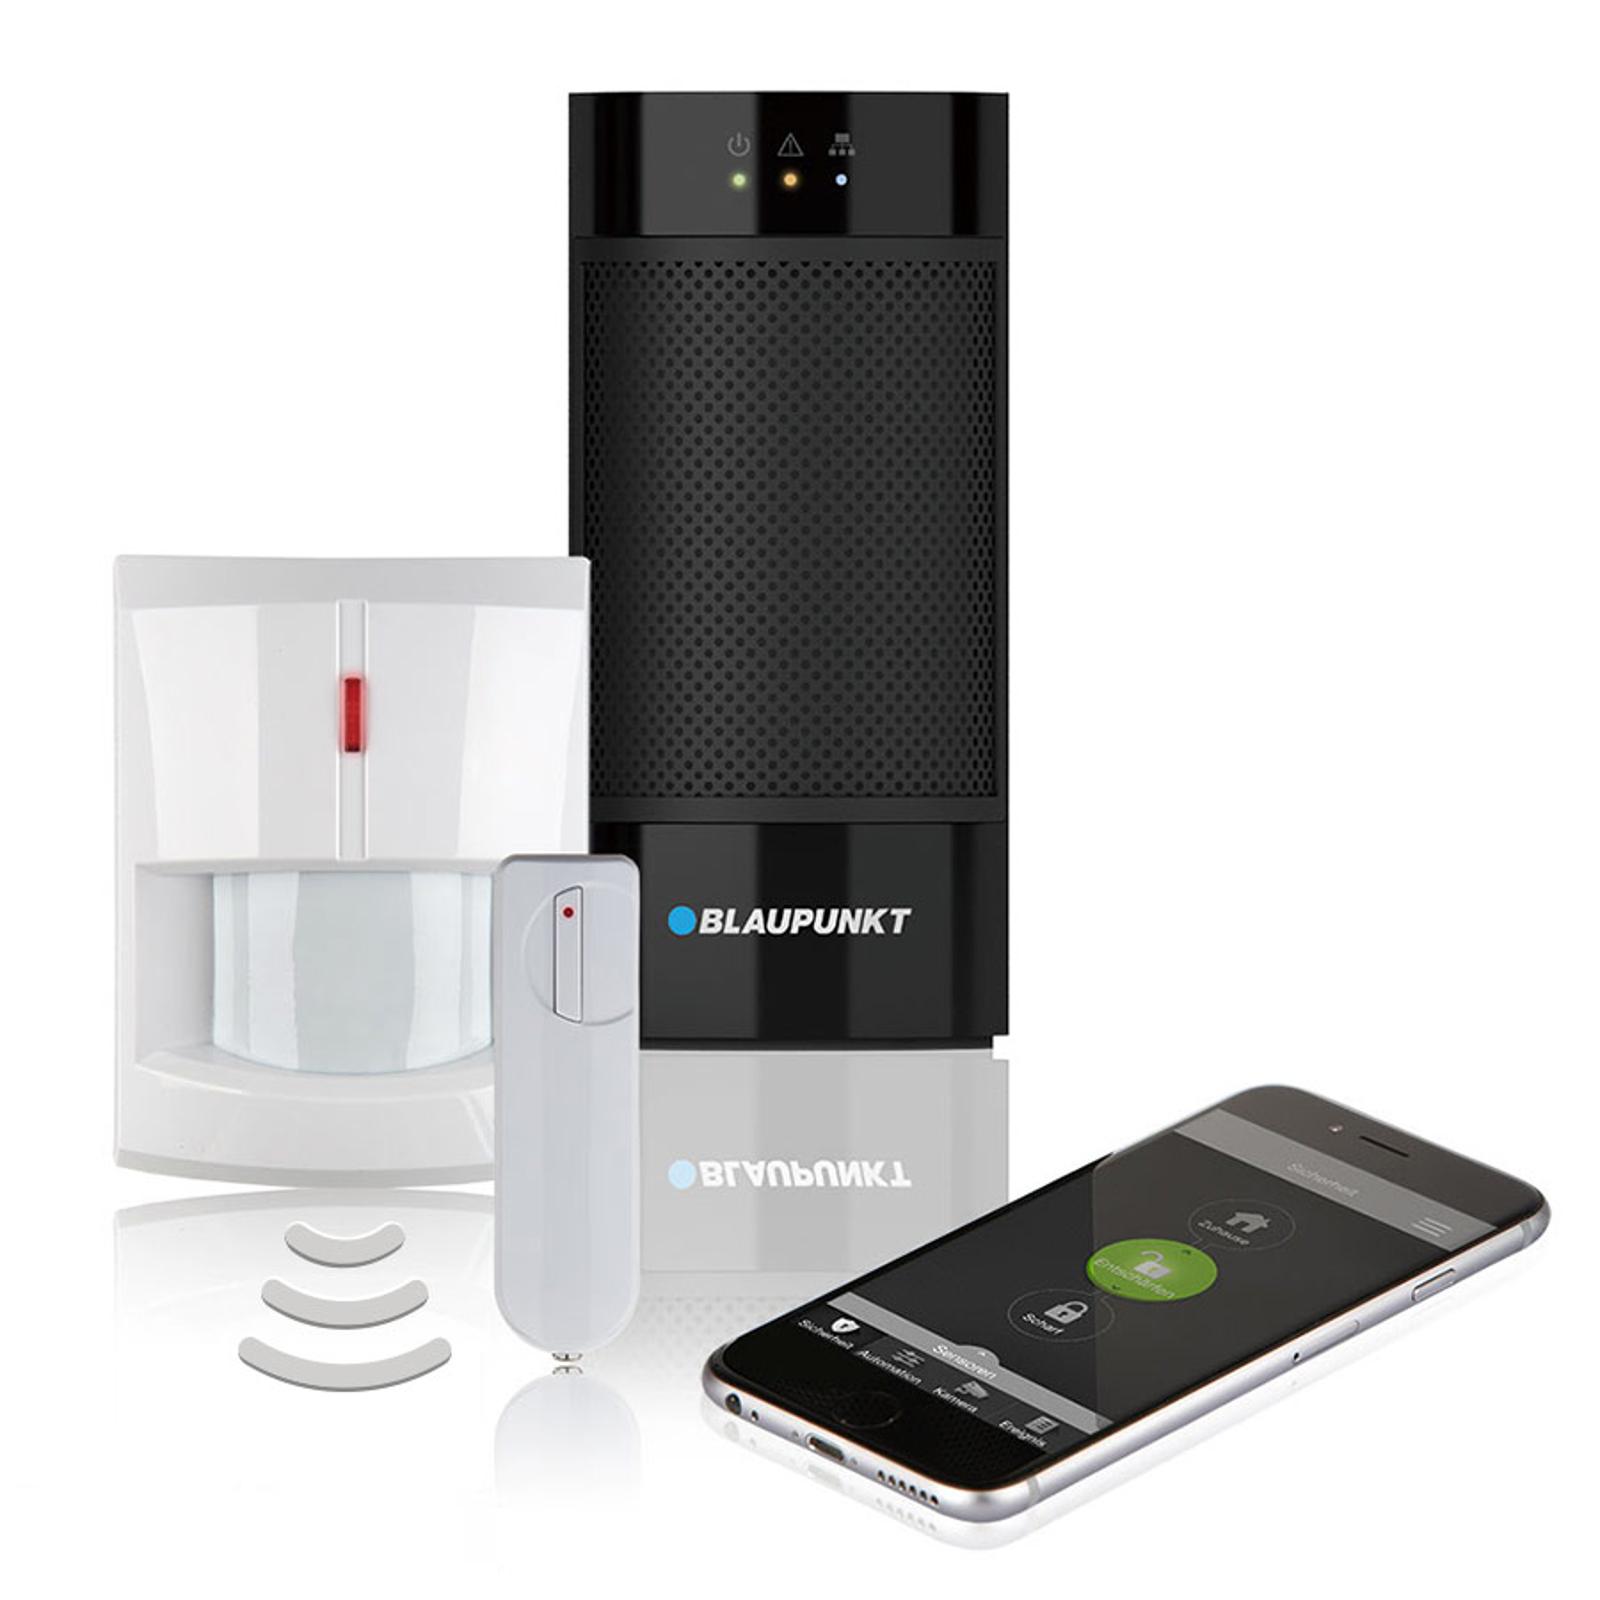 Blaupunkt Q3000 Smart Home Alarm start set